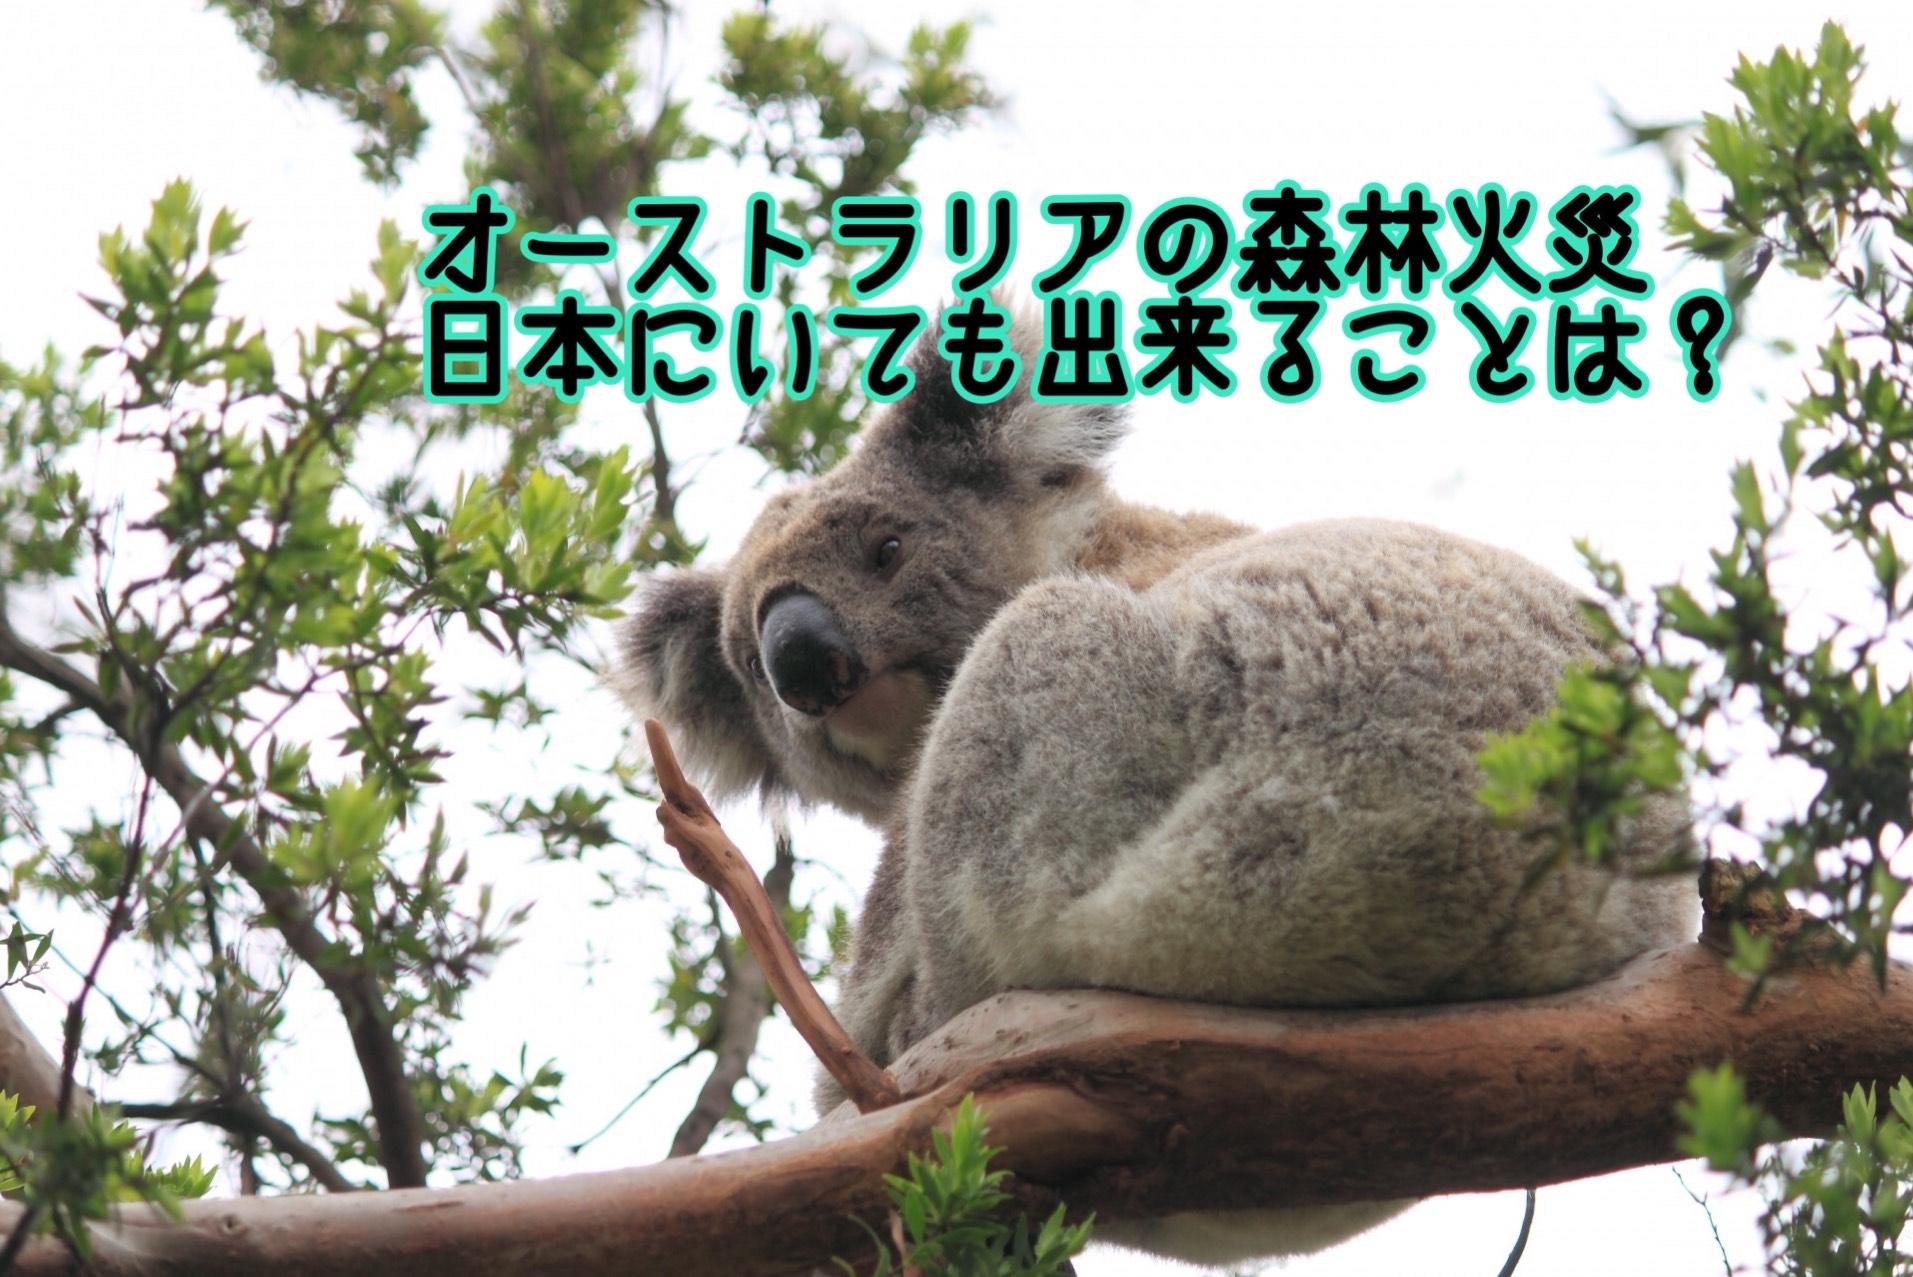 募金 マーチ コアラ の